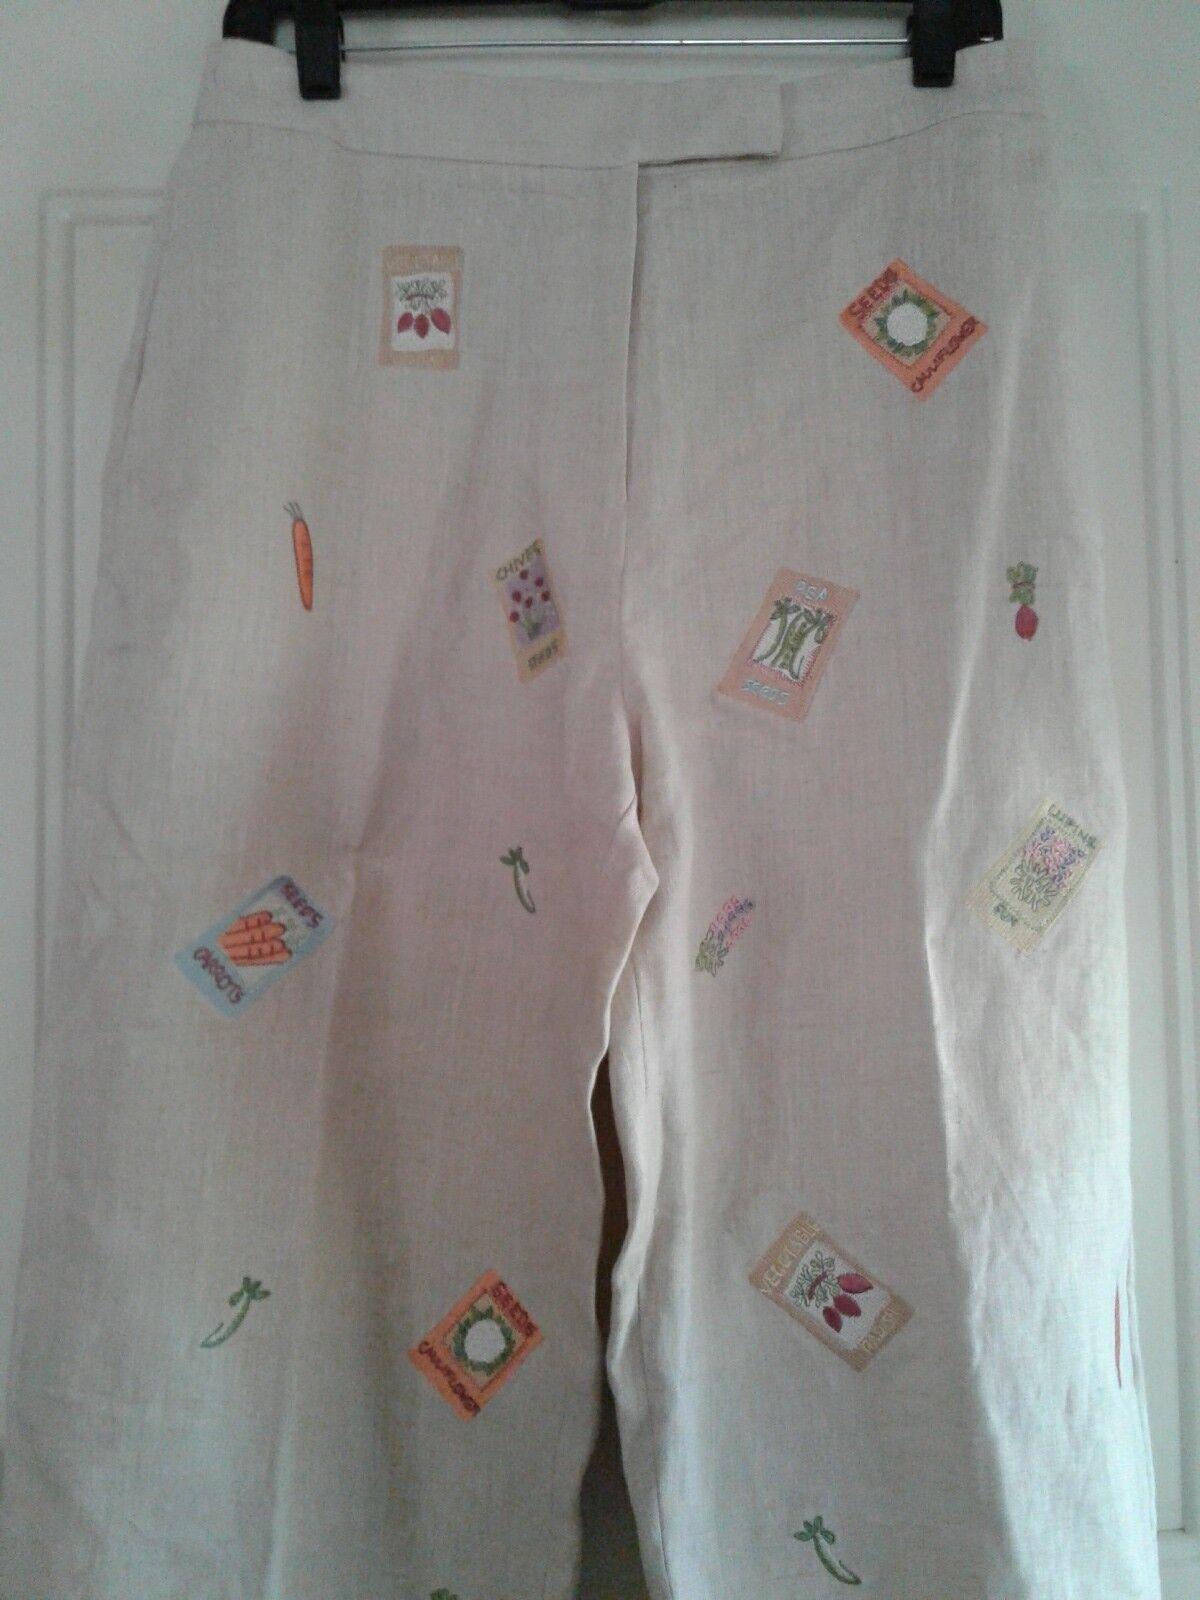 Alexandra Bartlett damen 10 Pants Slacks Beige 100% Linen Gardening Seed Packet